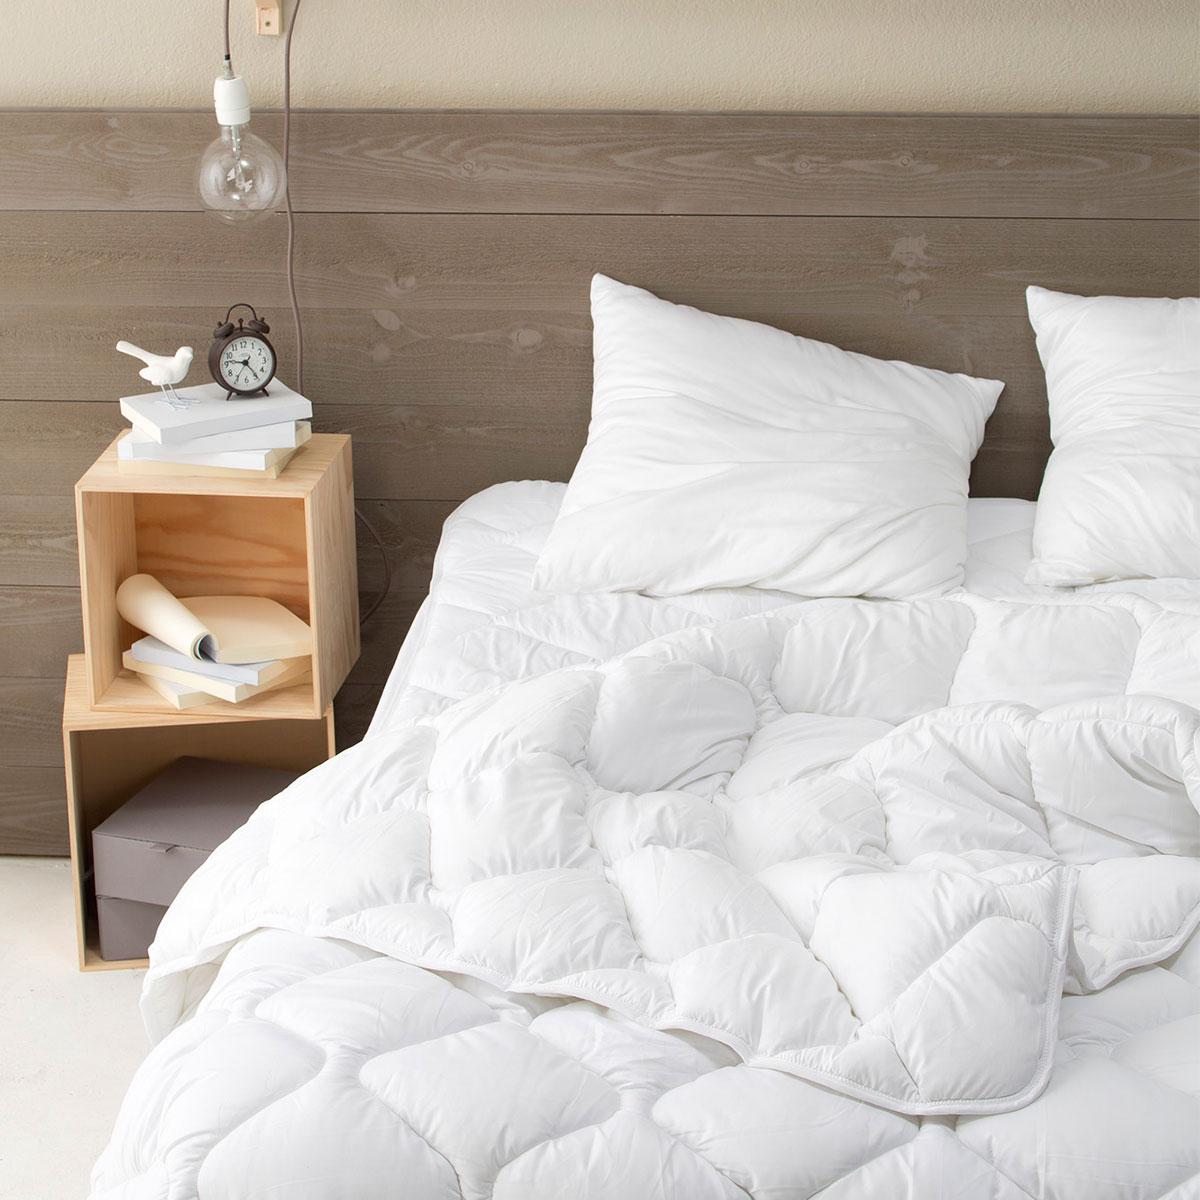 Trouvez votre couette grande taille pour lits king size standard textile - Taille couette pour matelas 180x200 ...